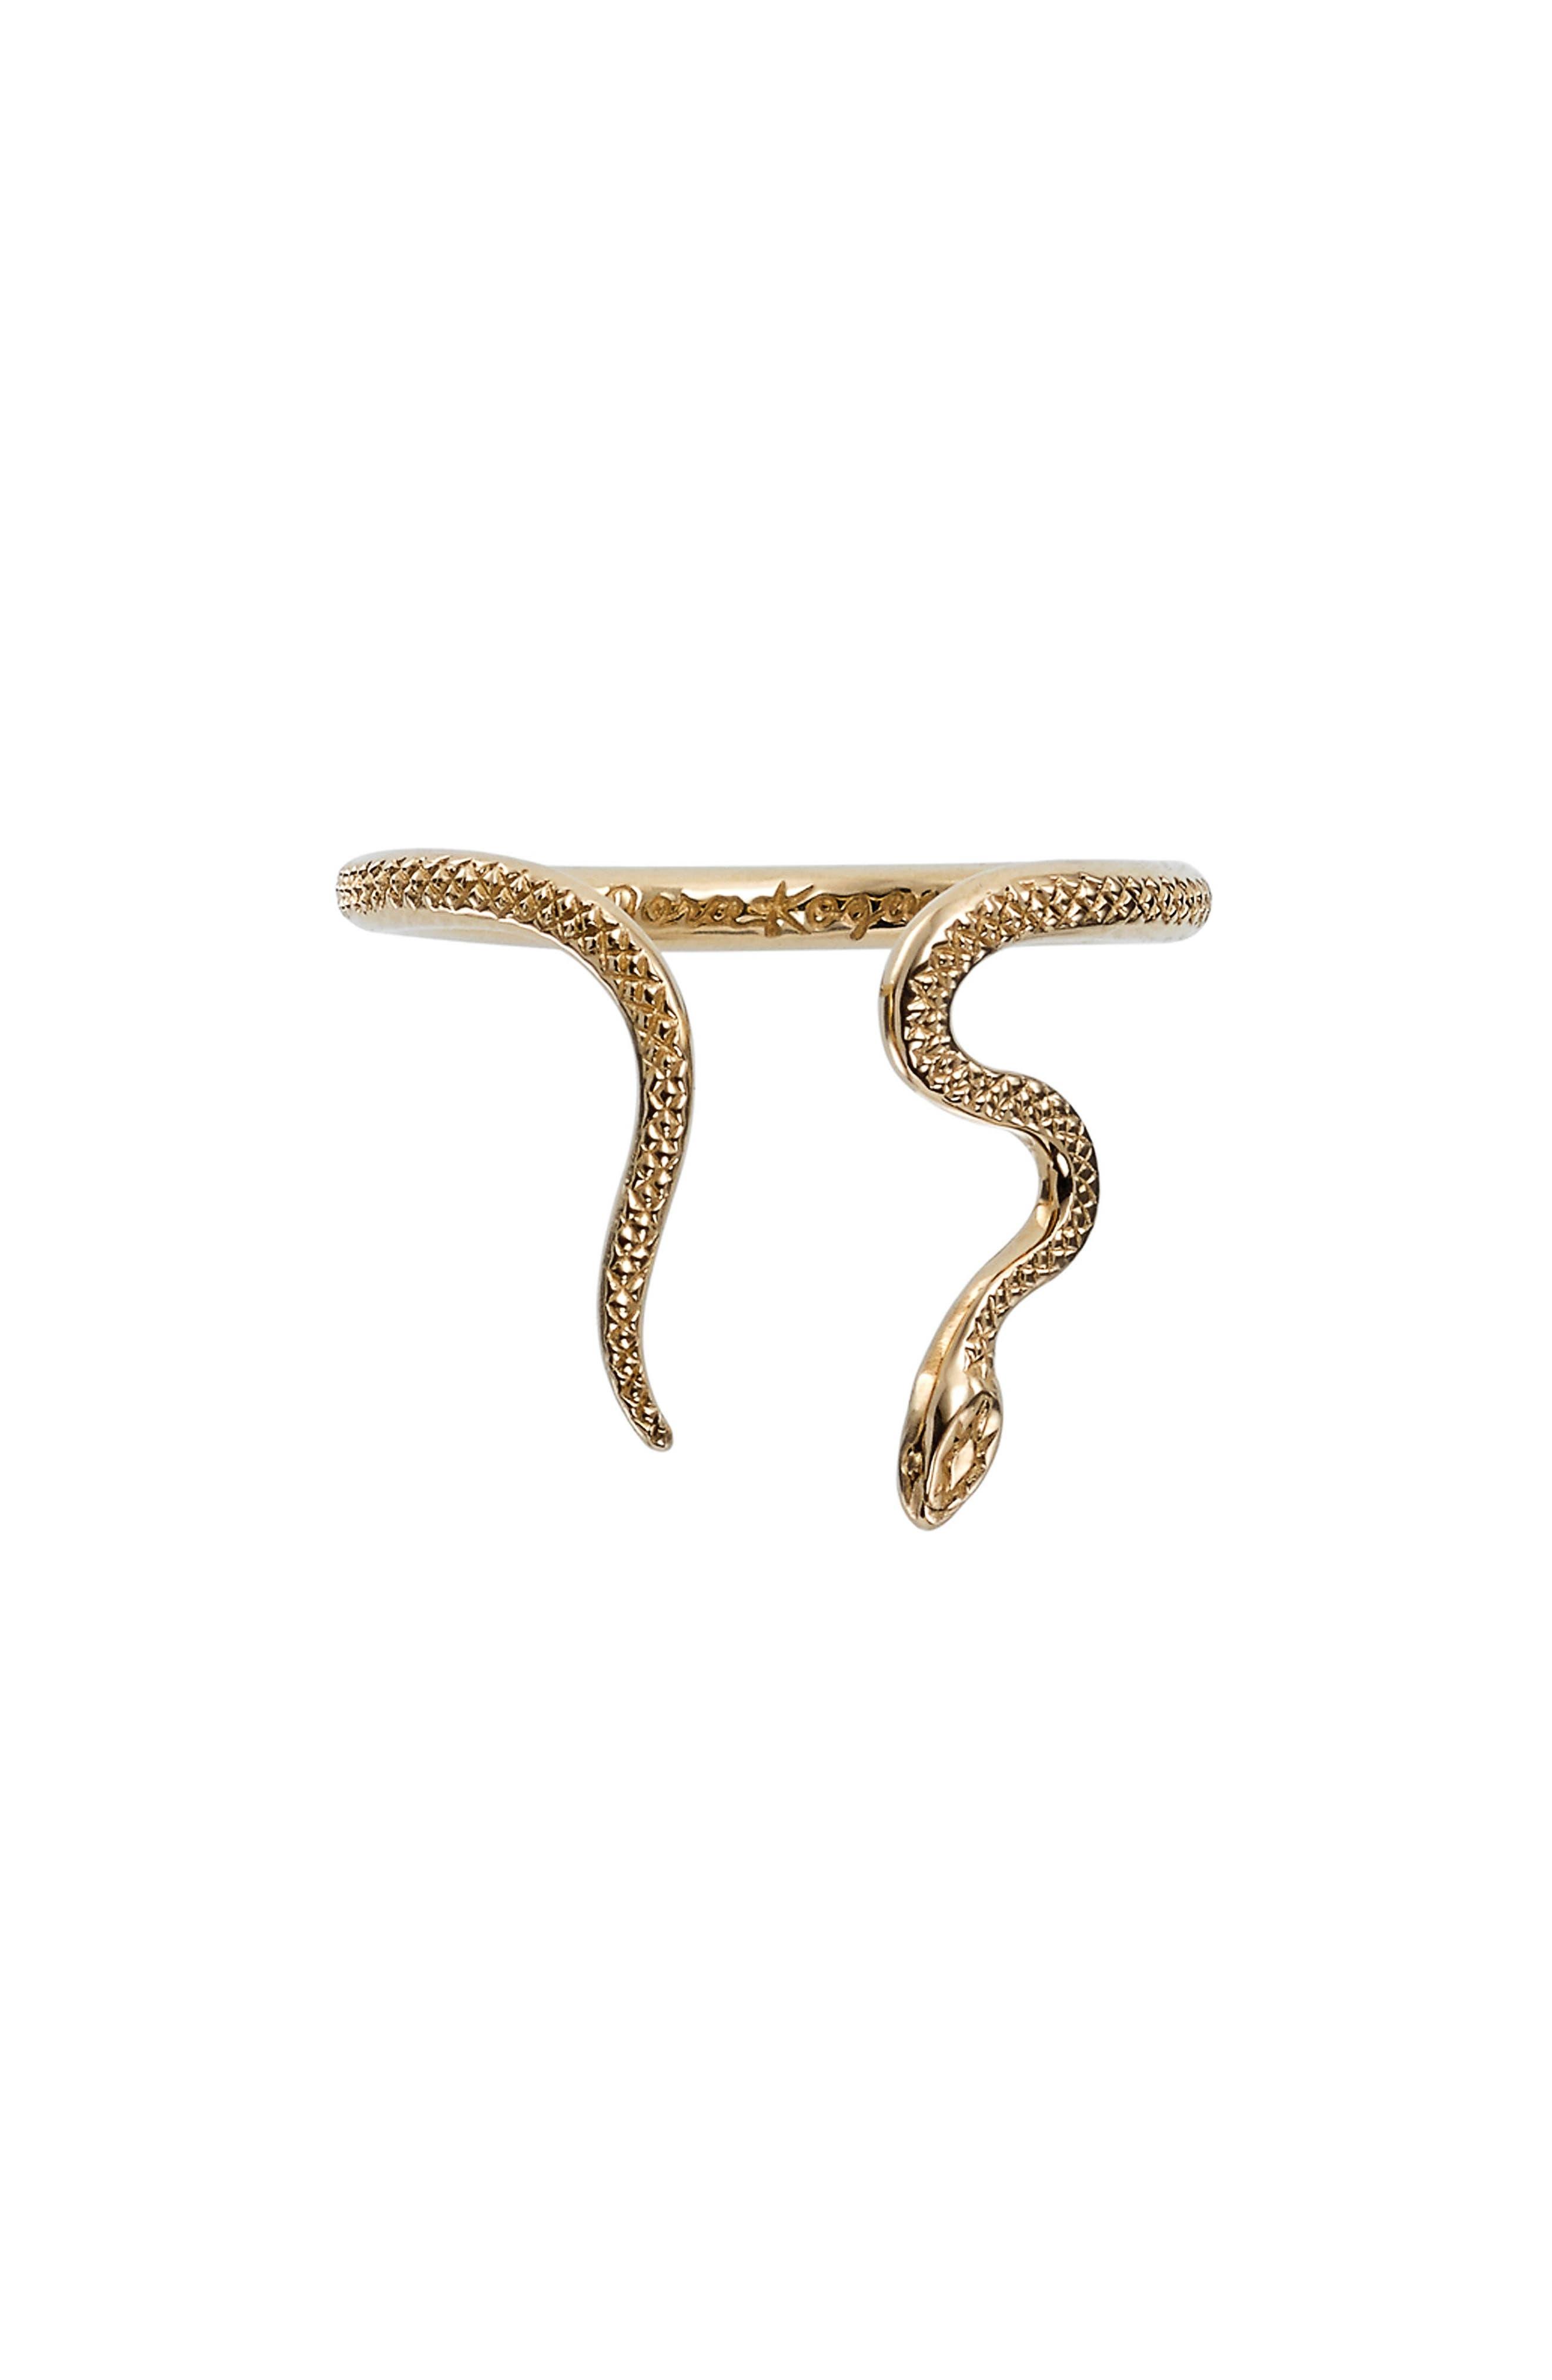 Alexandra Snake Ring,                             Main thumbnail 1, color,                             YELLOW GOLD